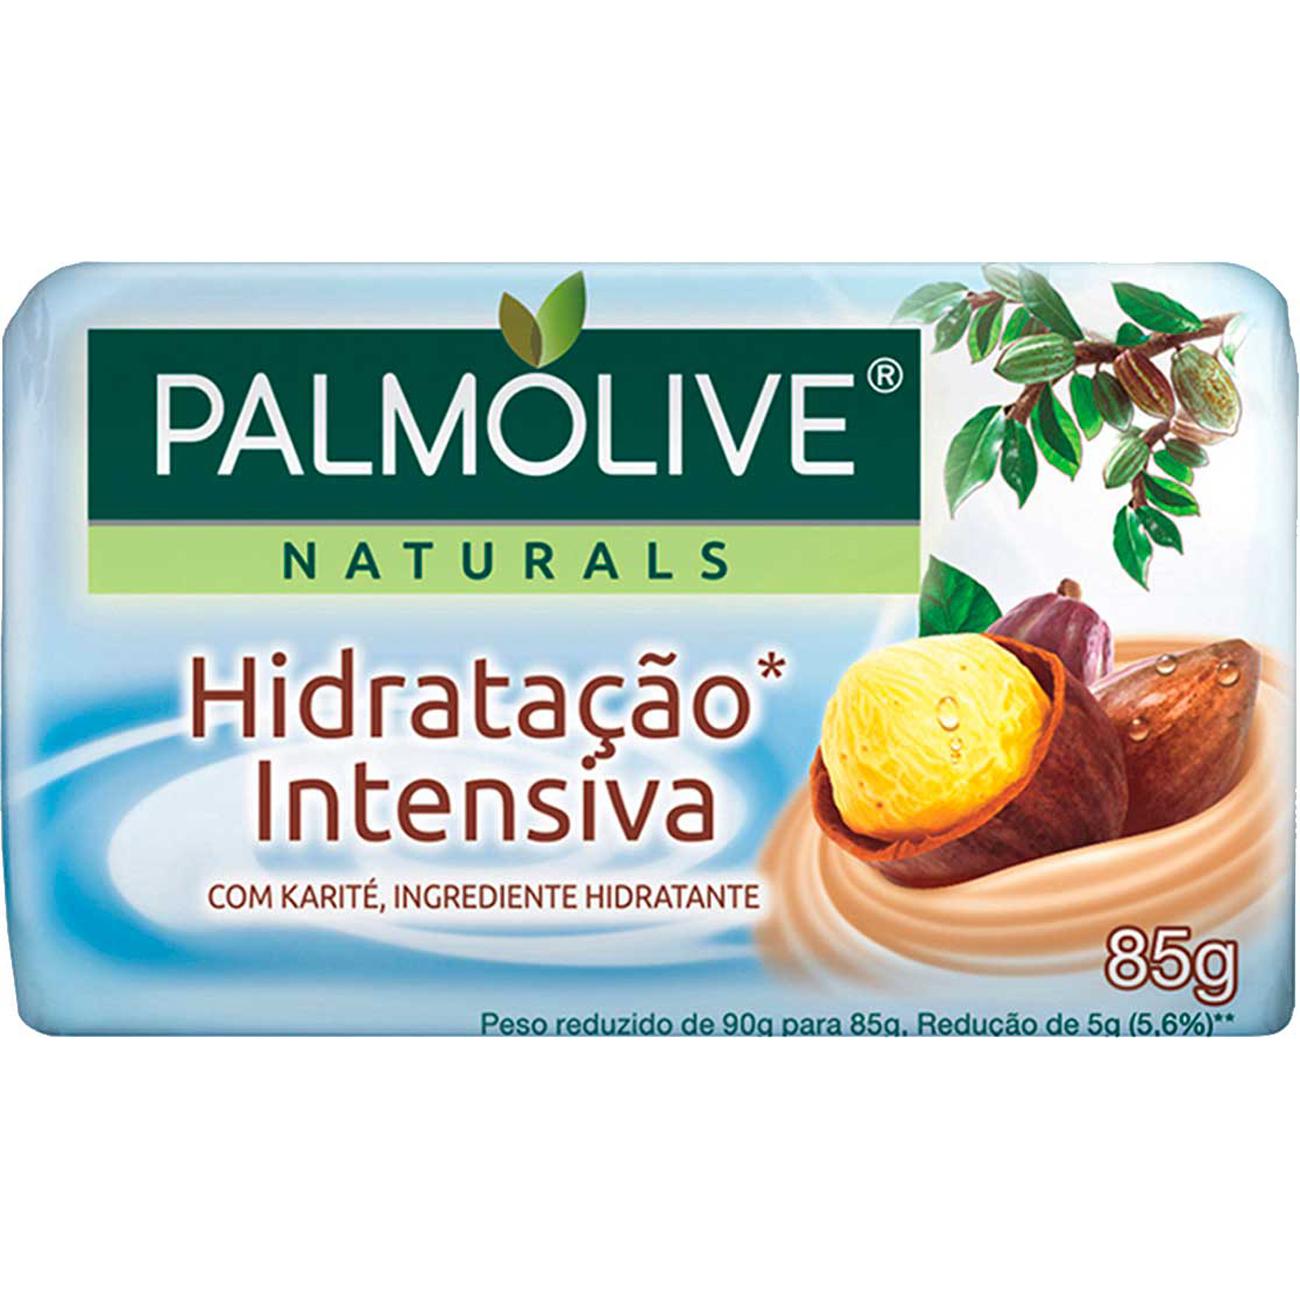 Sabonete em Barra Palmolive Naturals Hidratacao Intens